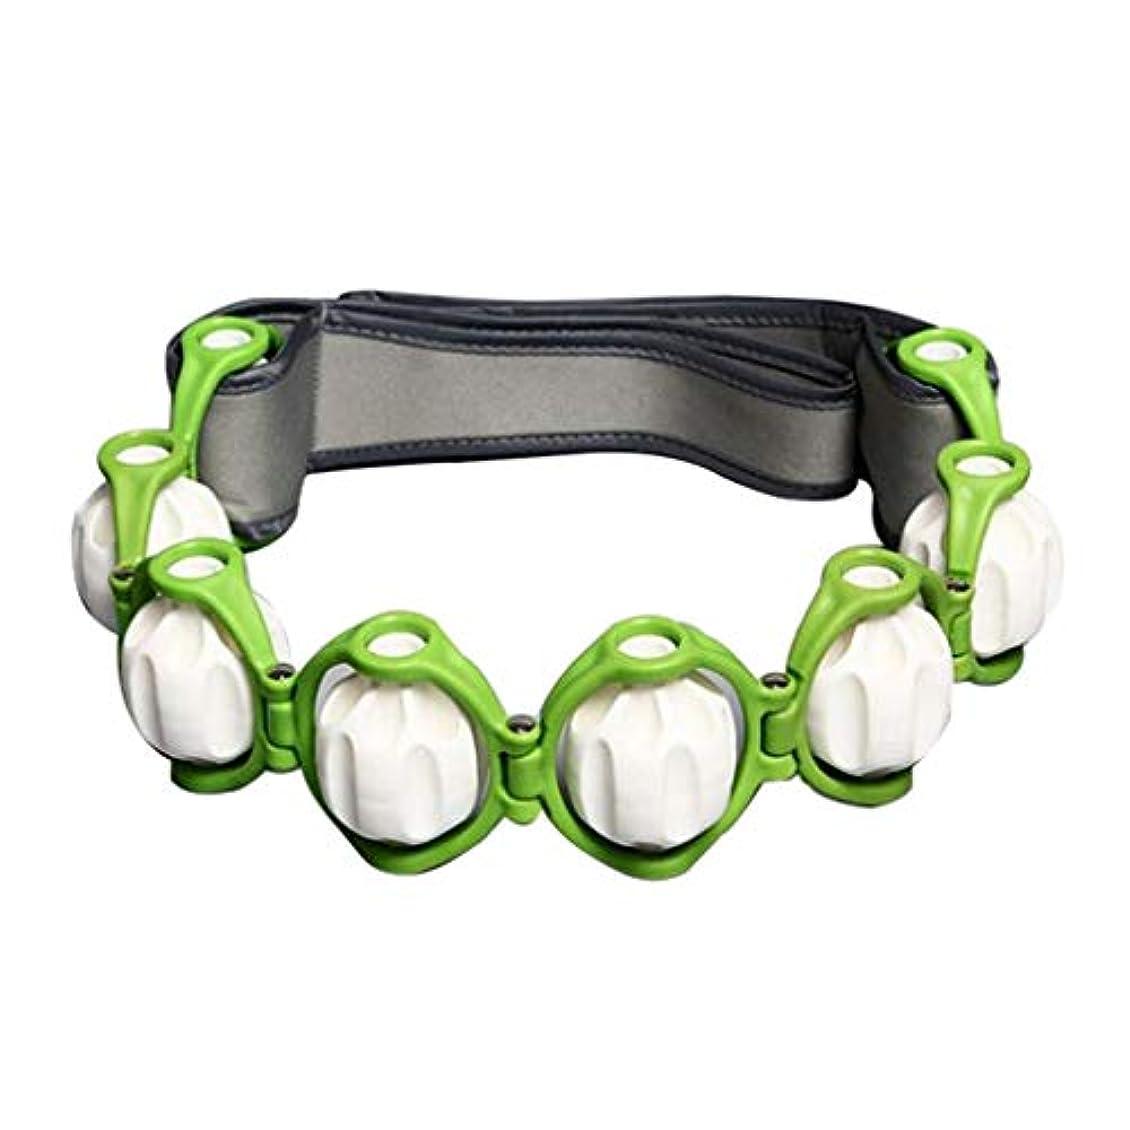 ビジュアルスマート十ボディマッサージローラー ロープ ショルダー ネック フット マッサージツール 4色選べ - 緑, 説明したように